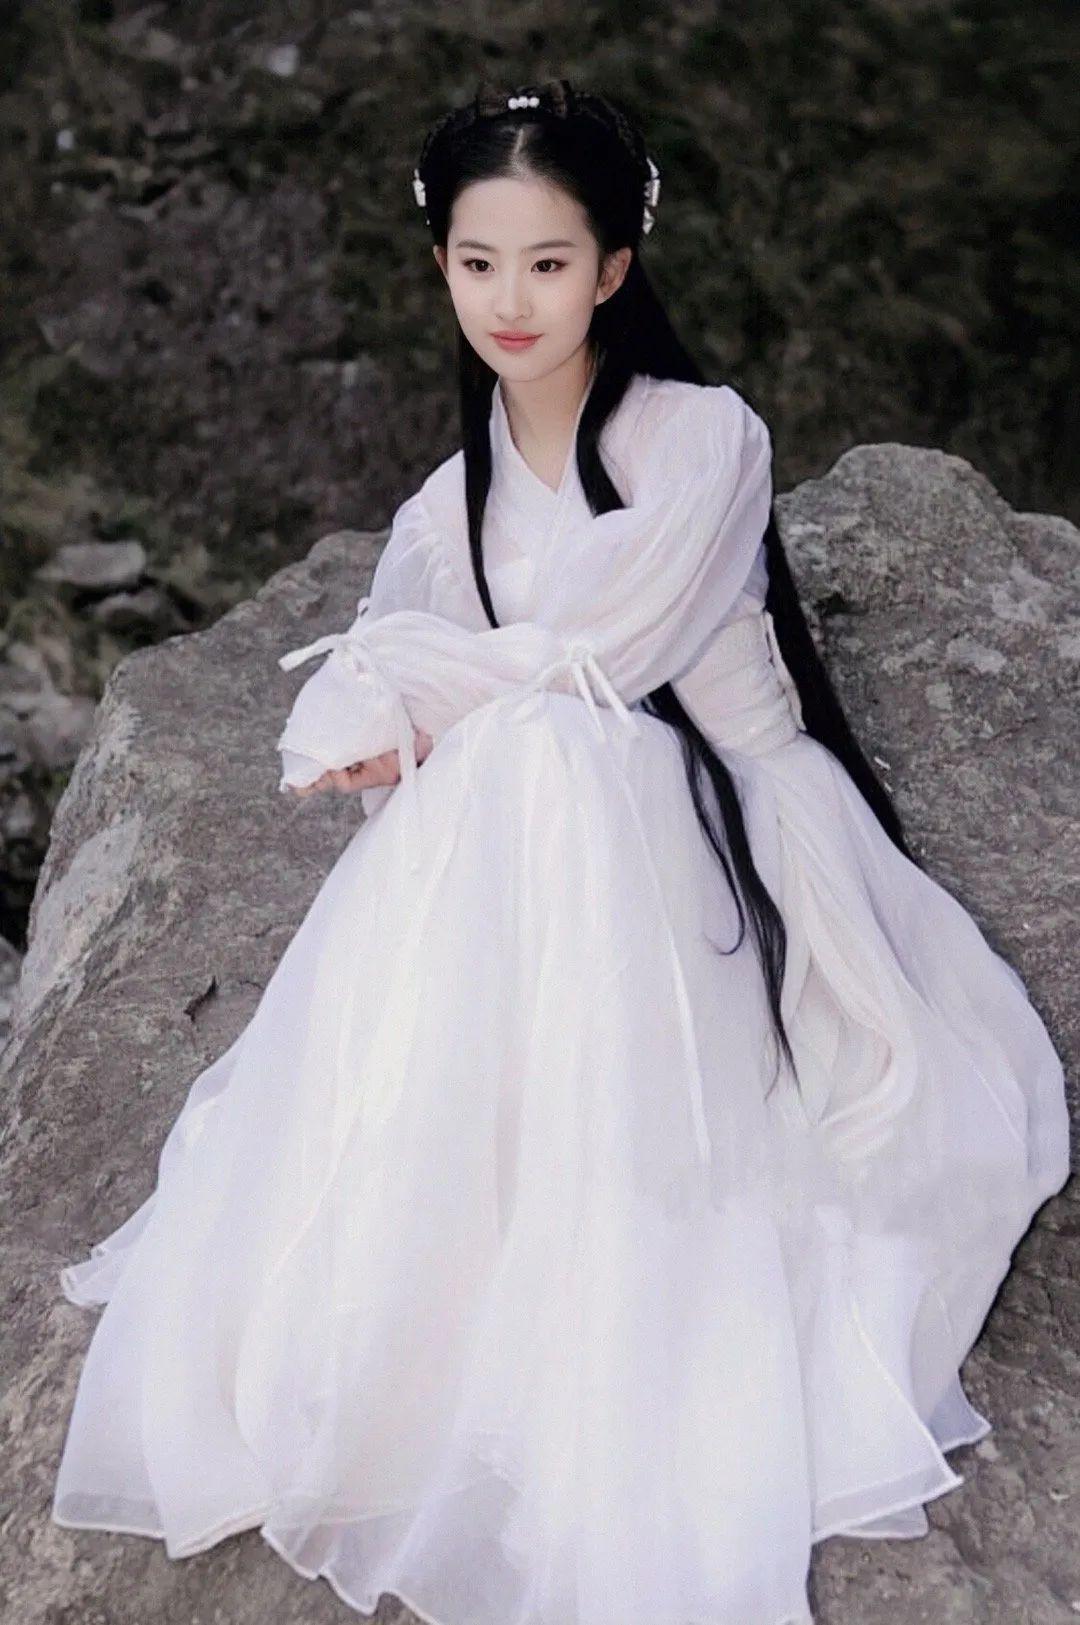 刘亦菲小龙女美图,这就是神仙姐姐的美貌吗?_图片 No.6